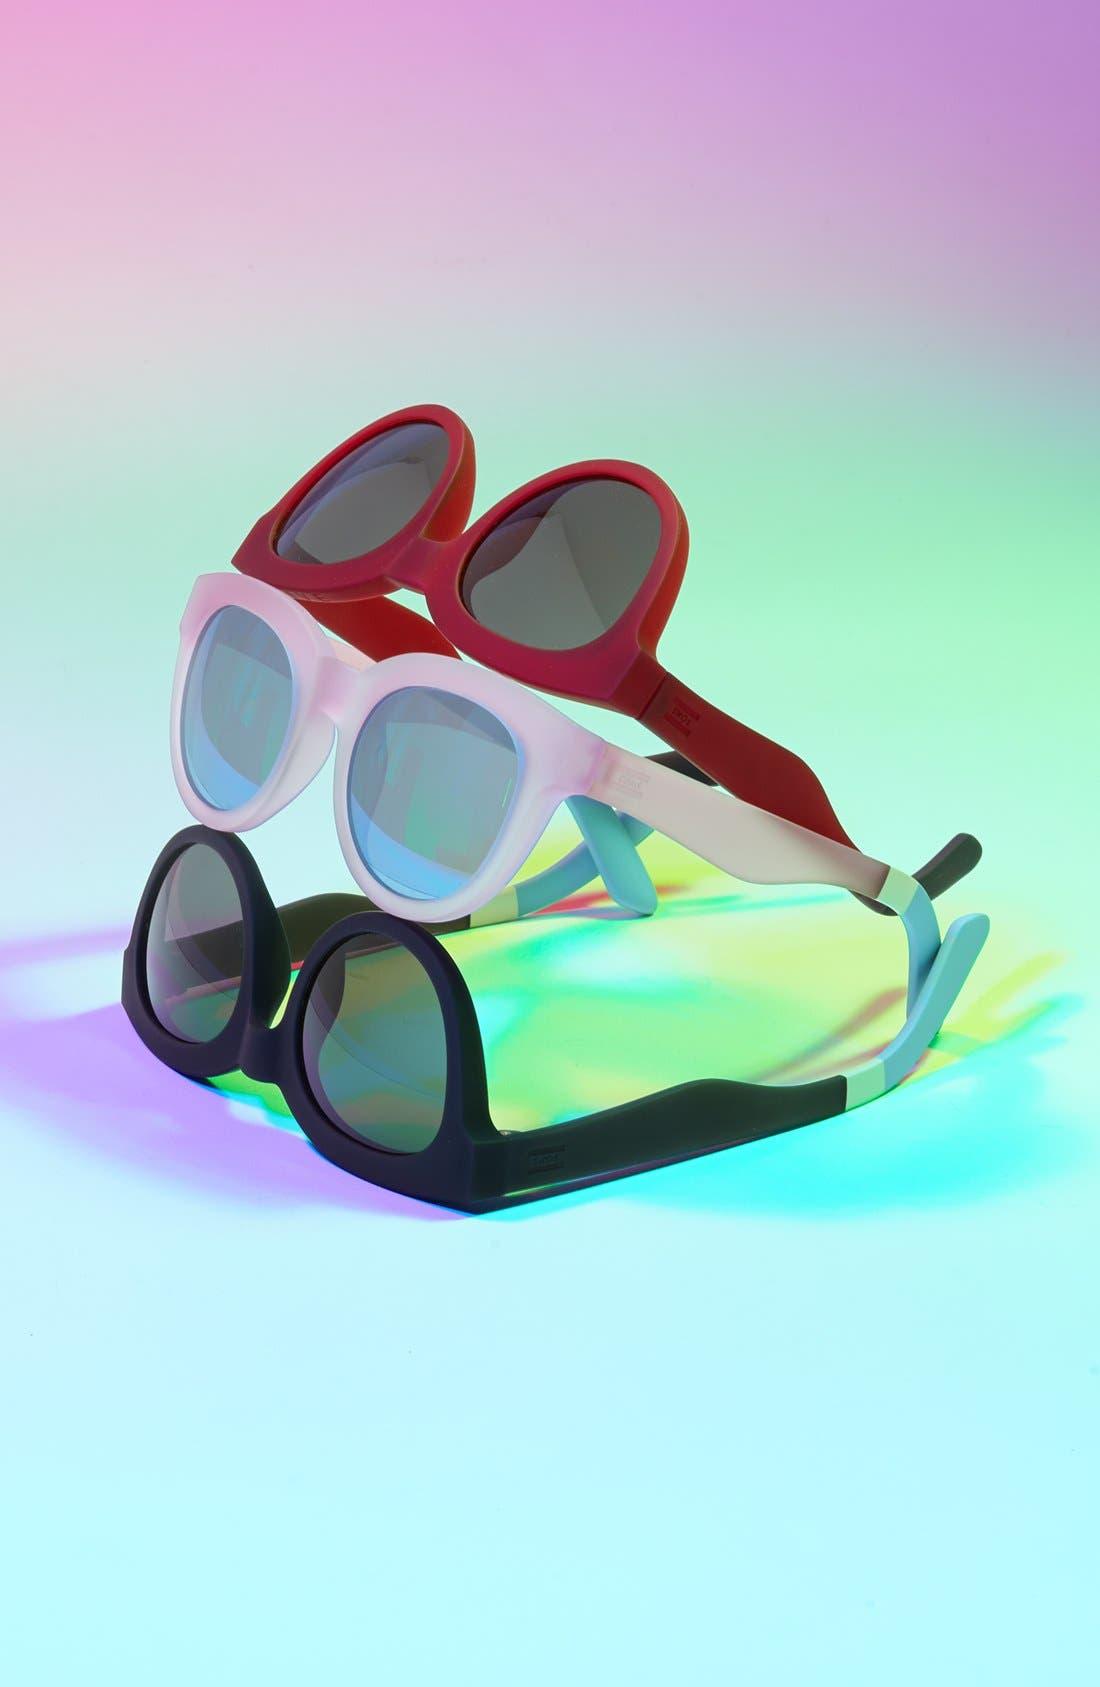 Alternate Image 1 Selected - TOMS 'Traveler' 52mm Sunglasses (Women)